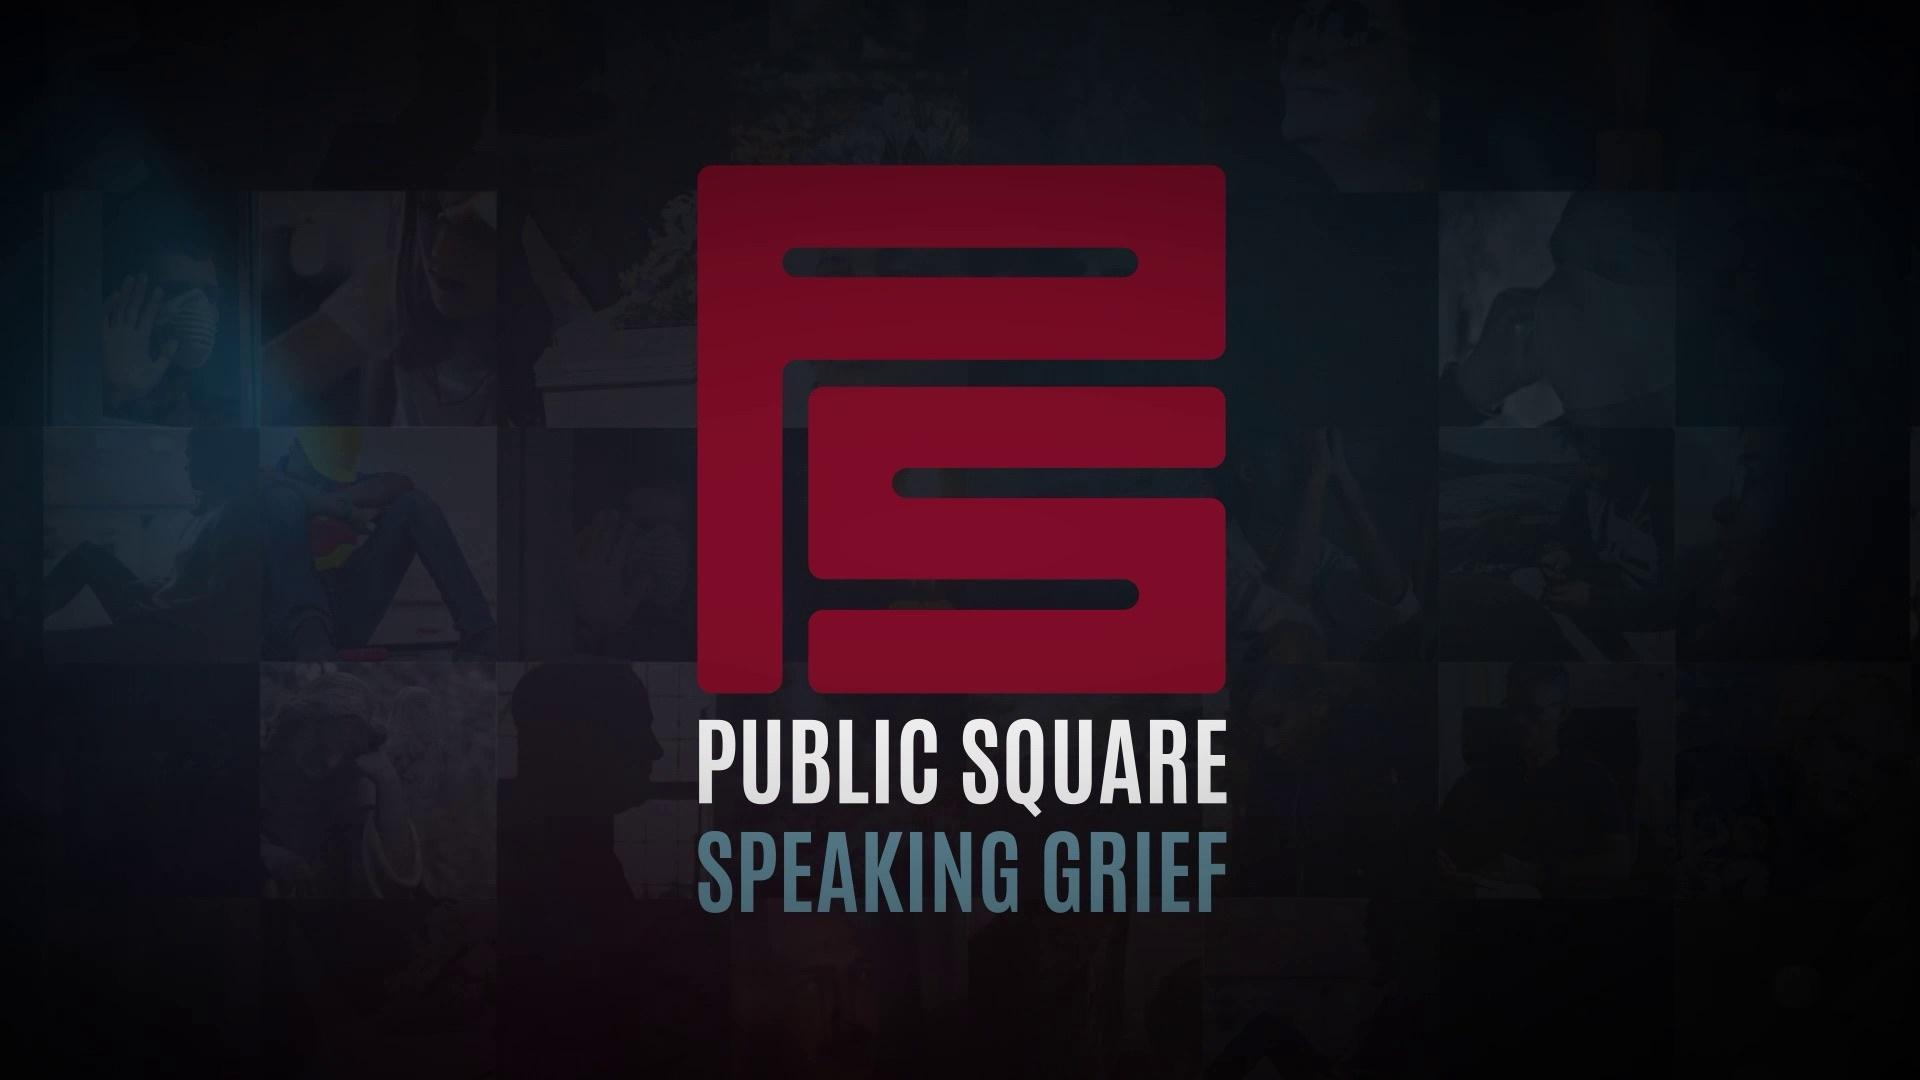 Speaking Grief